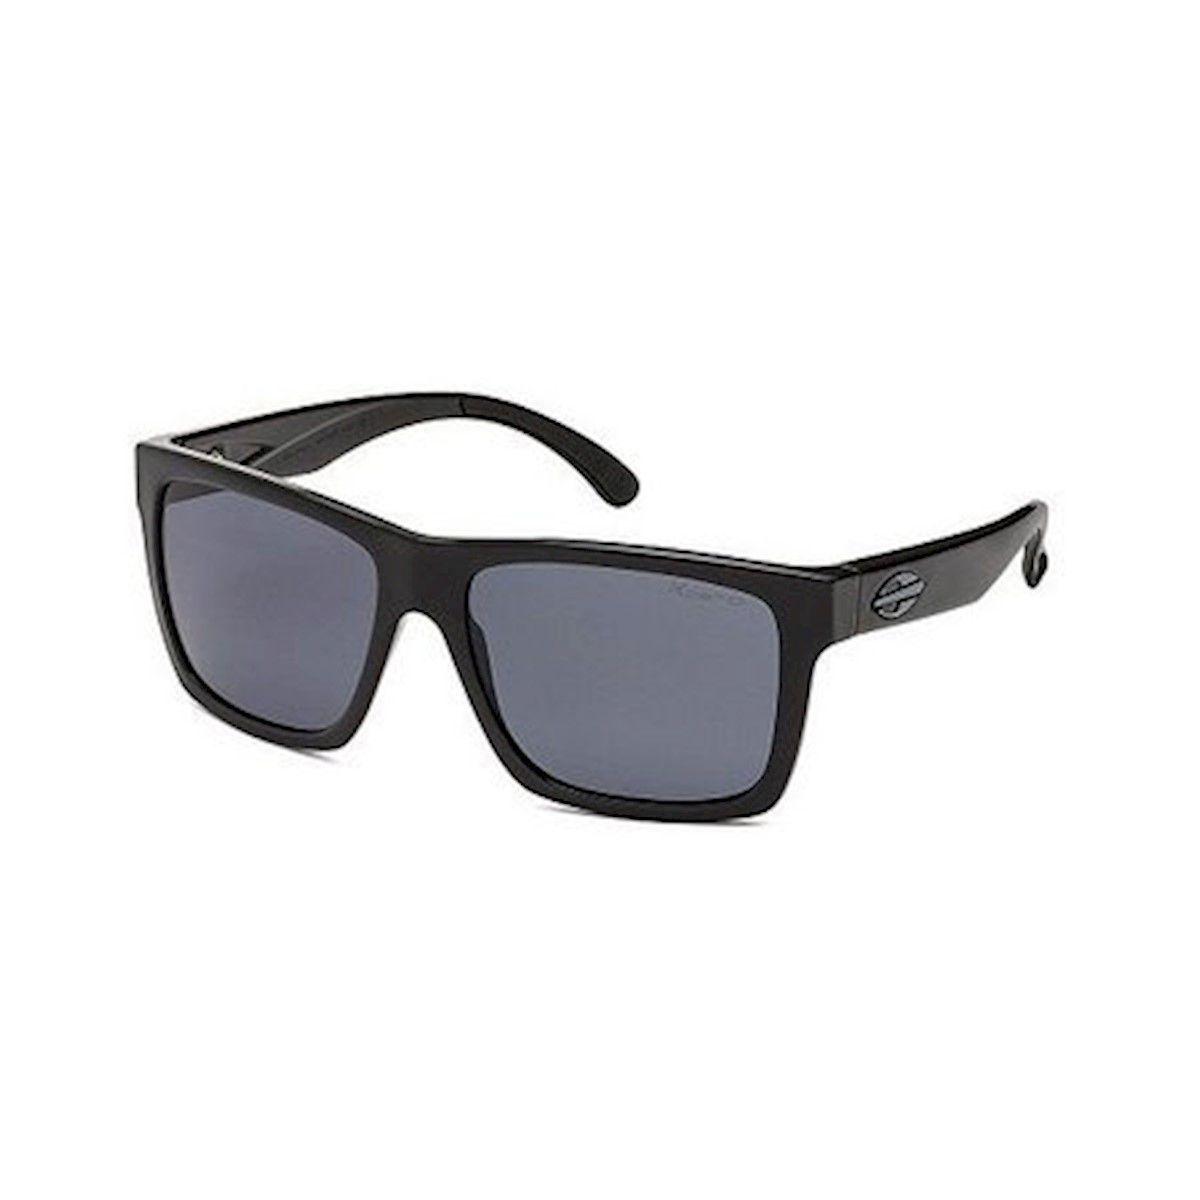 Óculos de sol Mormaii San Diego Polarizado